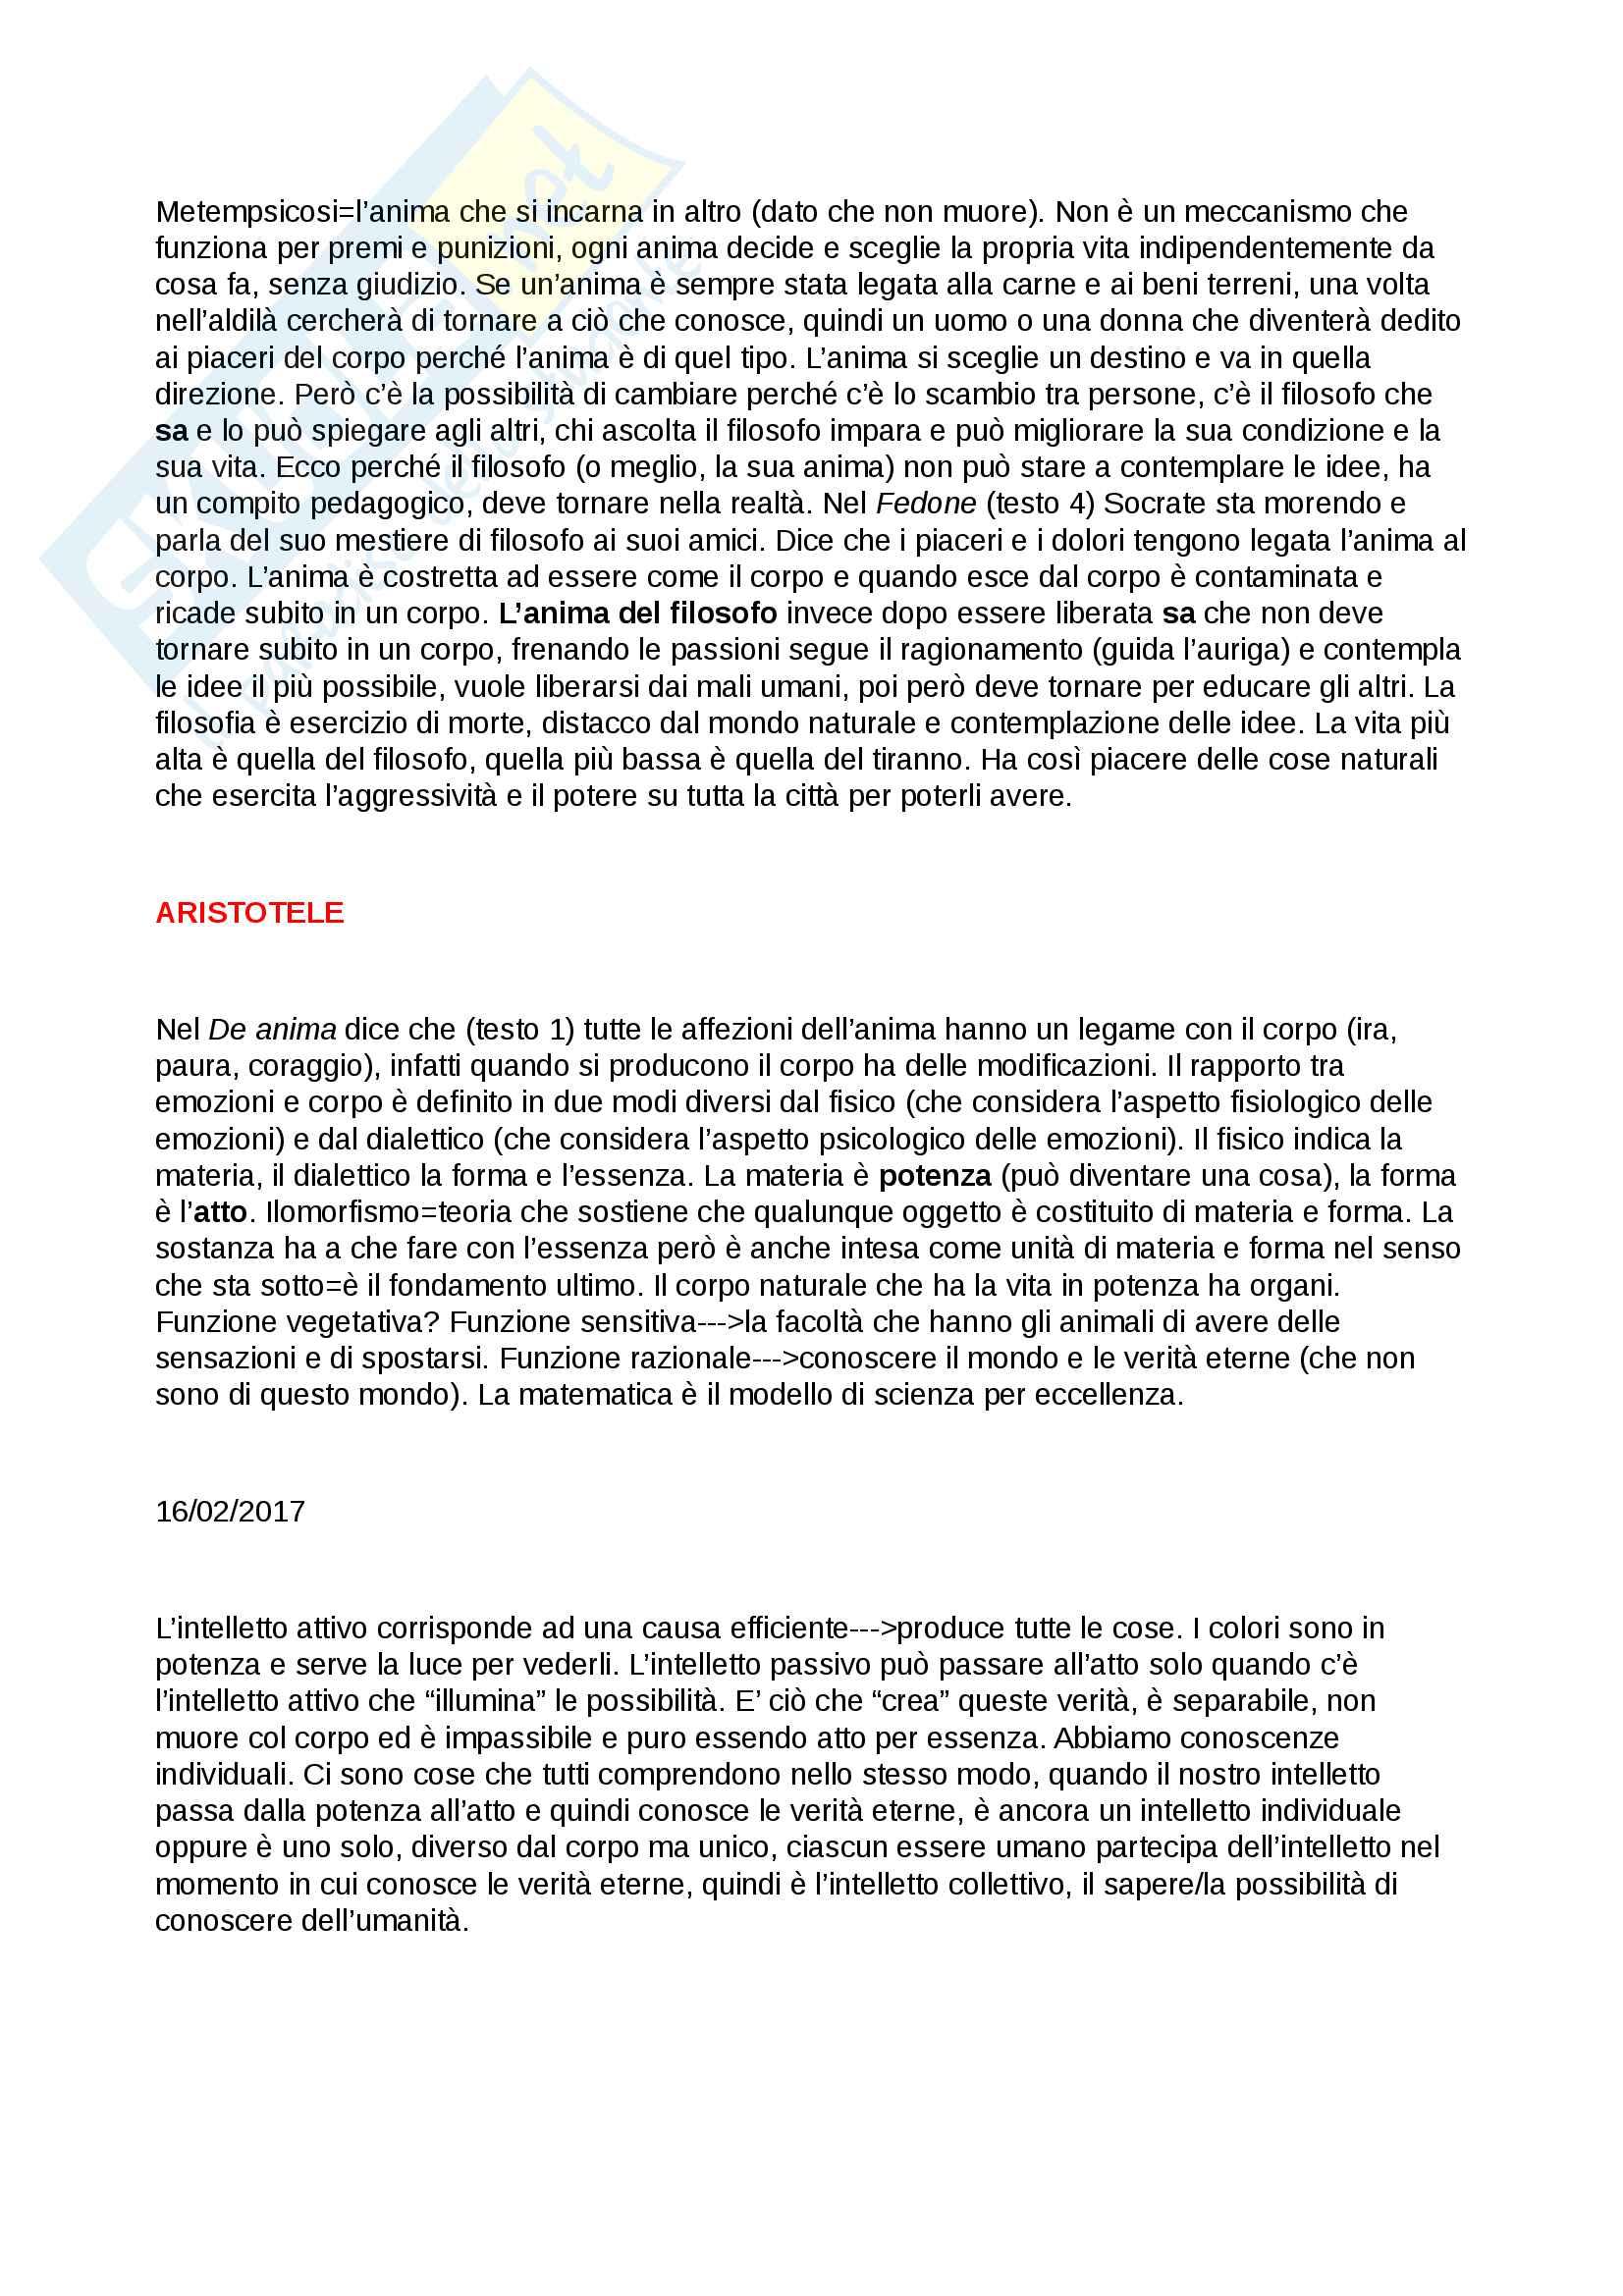 Storia della filosofia modulo A Pag. 2